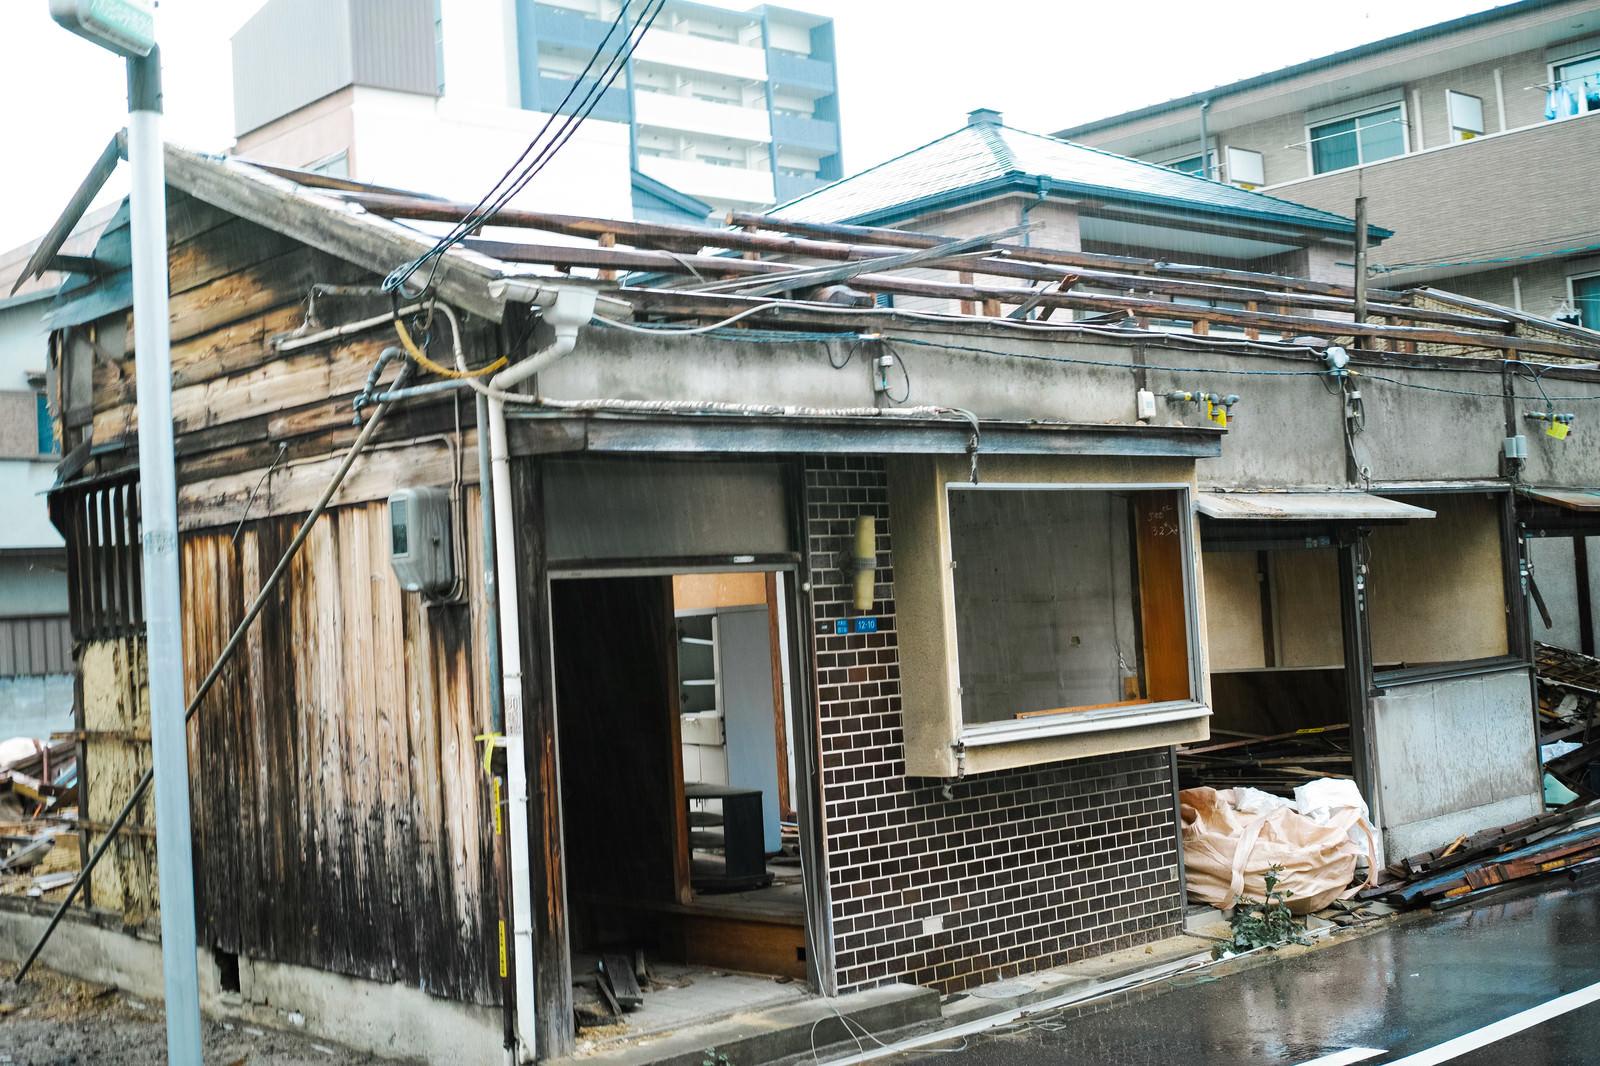 「ここまで家屋を破壊されても110番しかできない現状」の写真